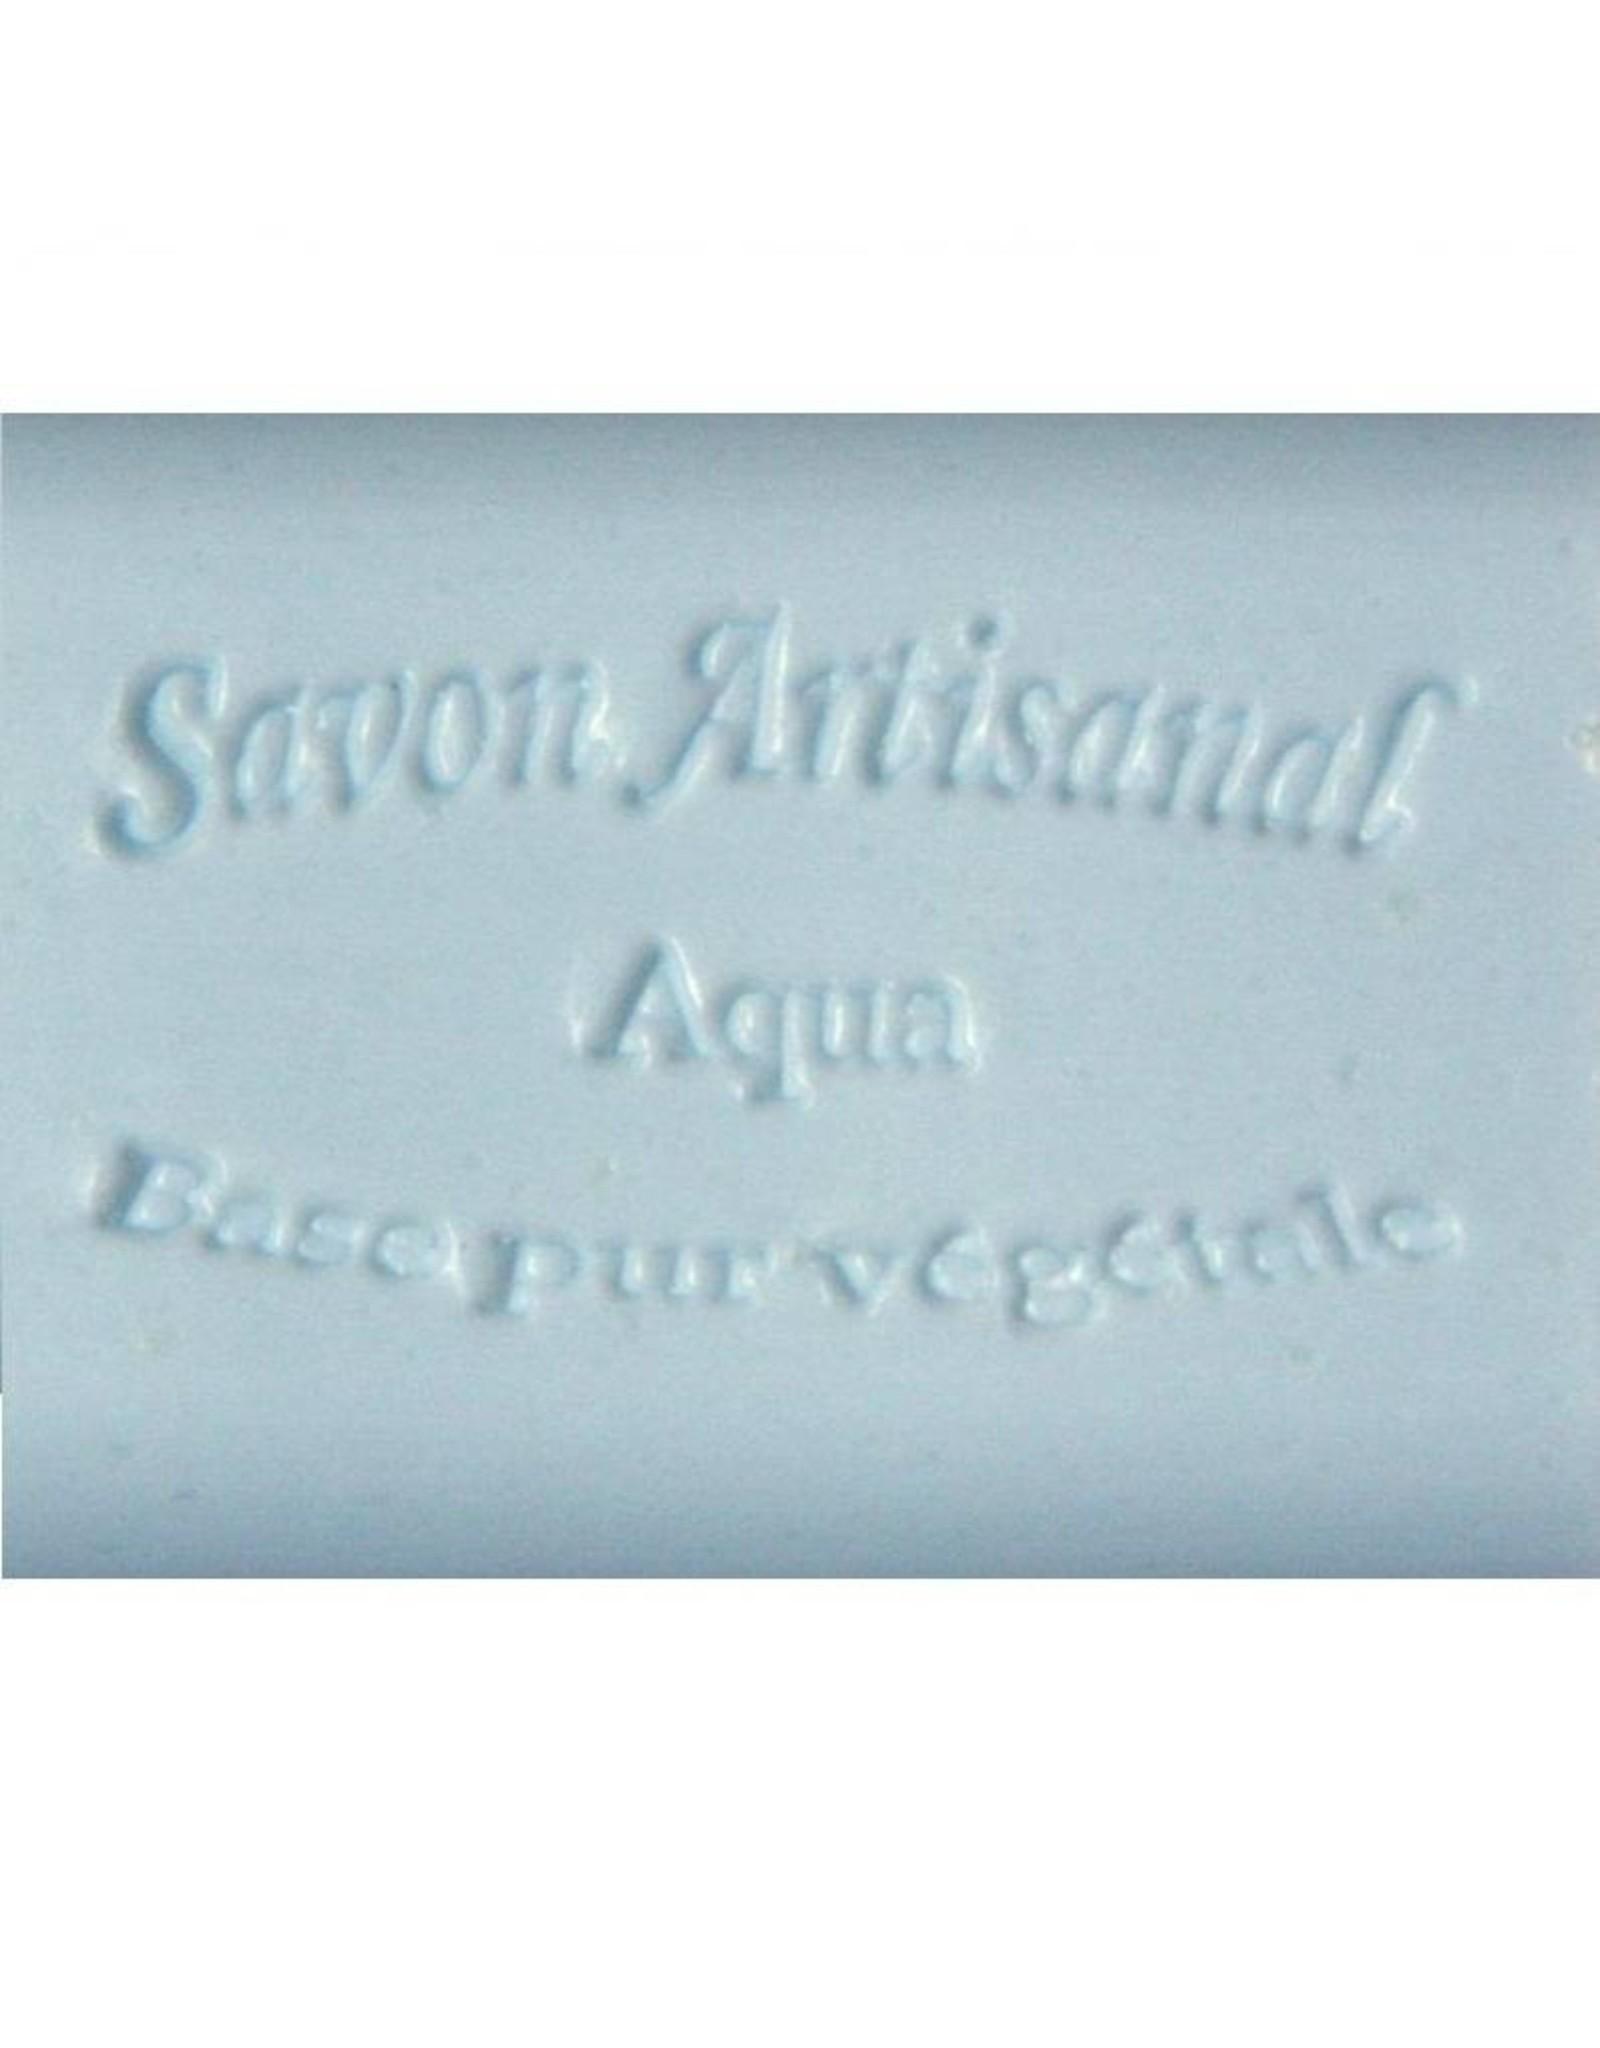 Ambachtelijke zeep 'Aqua' - Body & Soap